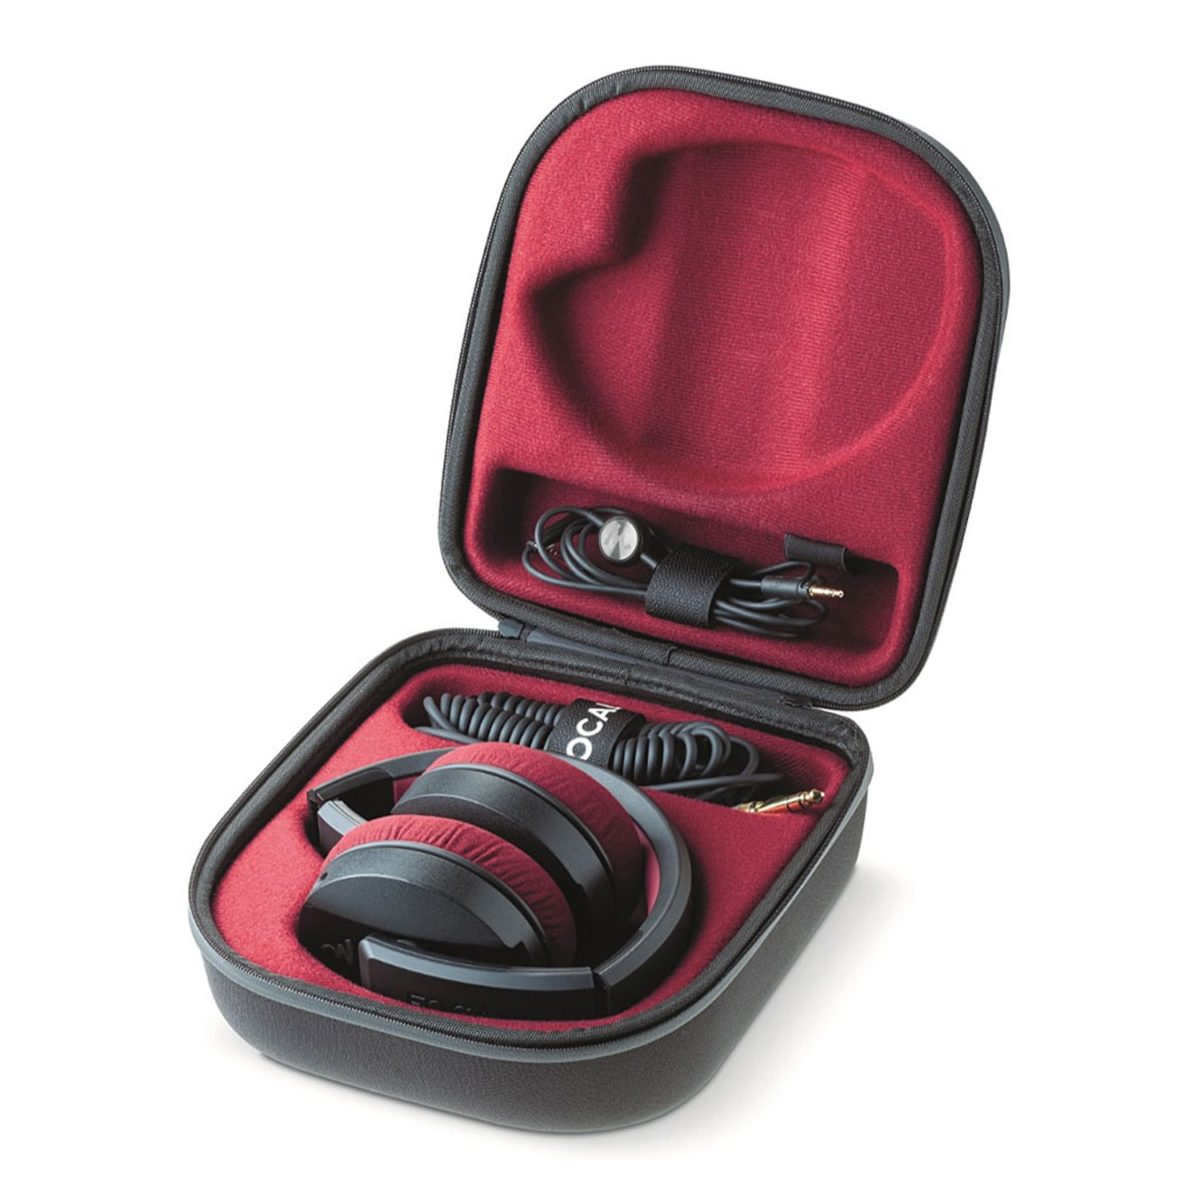 หูฟังอัดเพลง Focal Listen Professional CLOSED BACK HEADPHONES